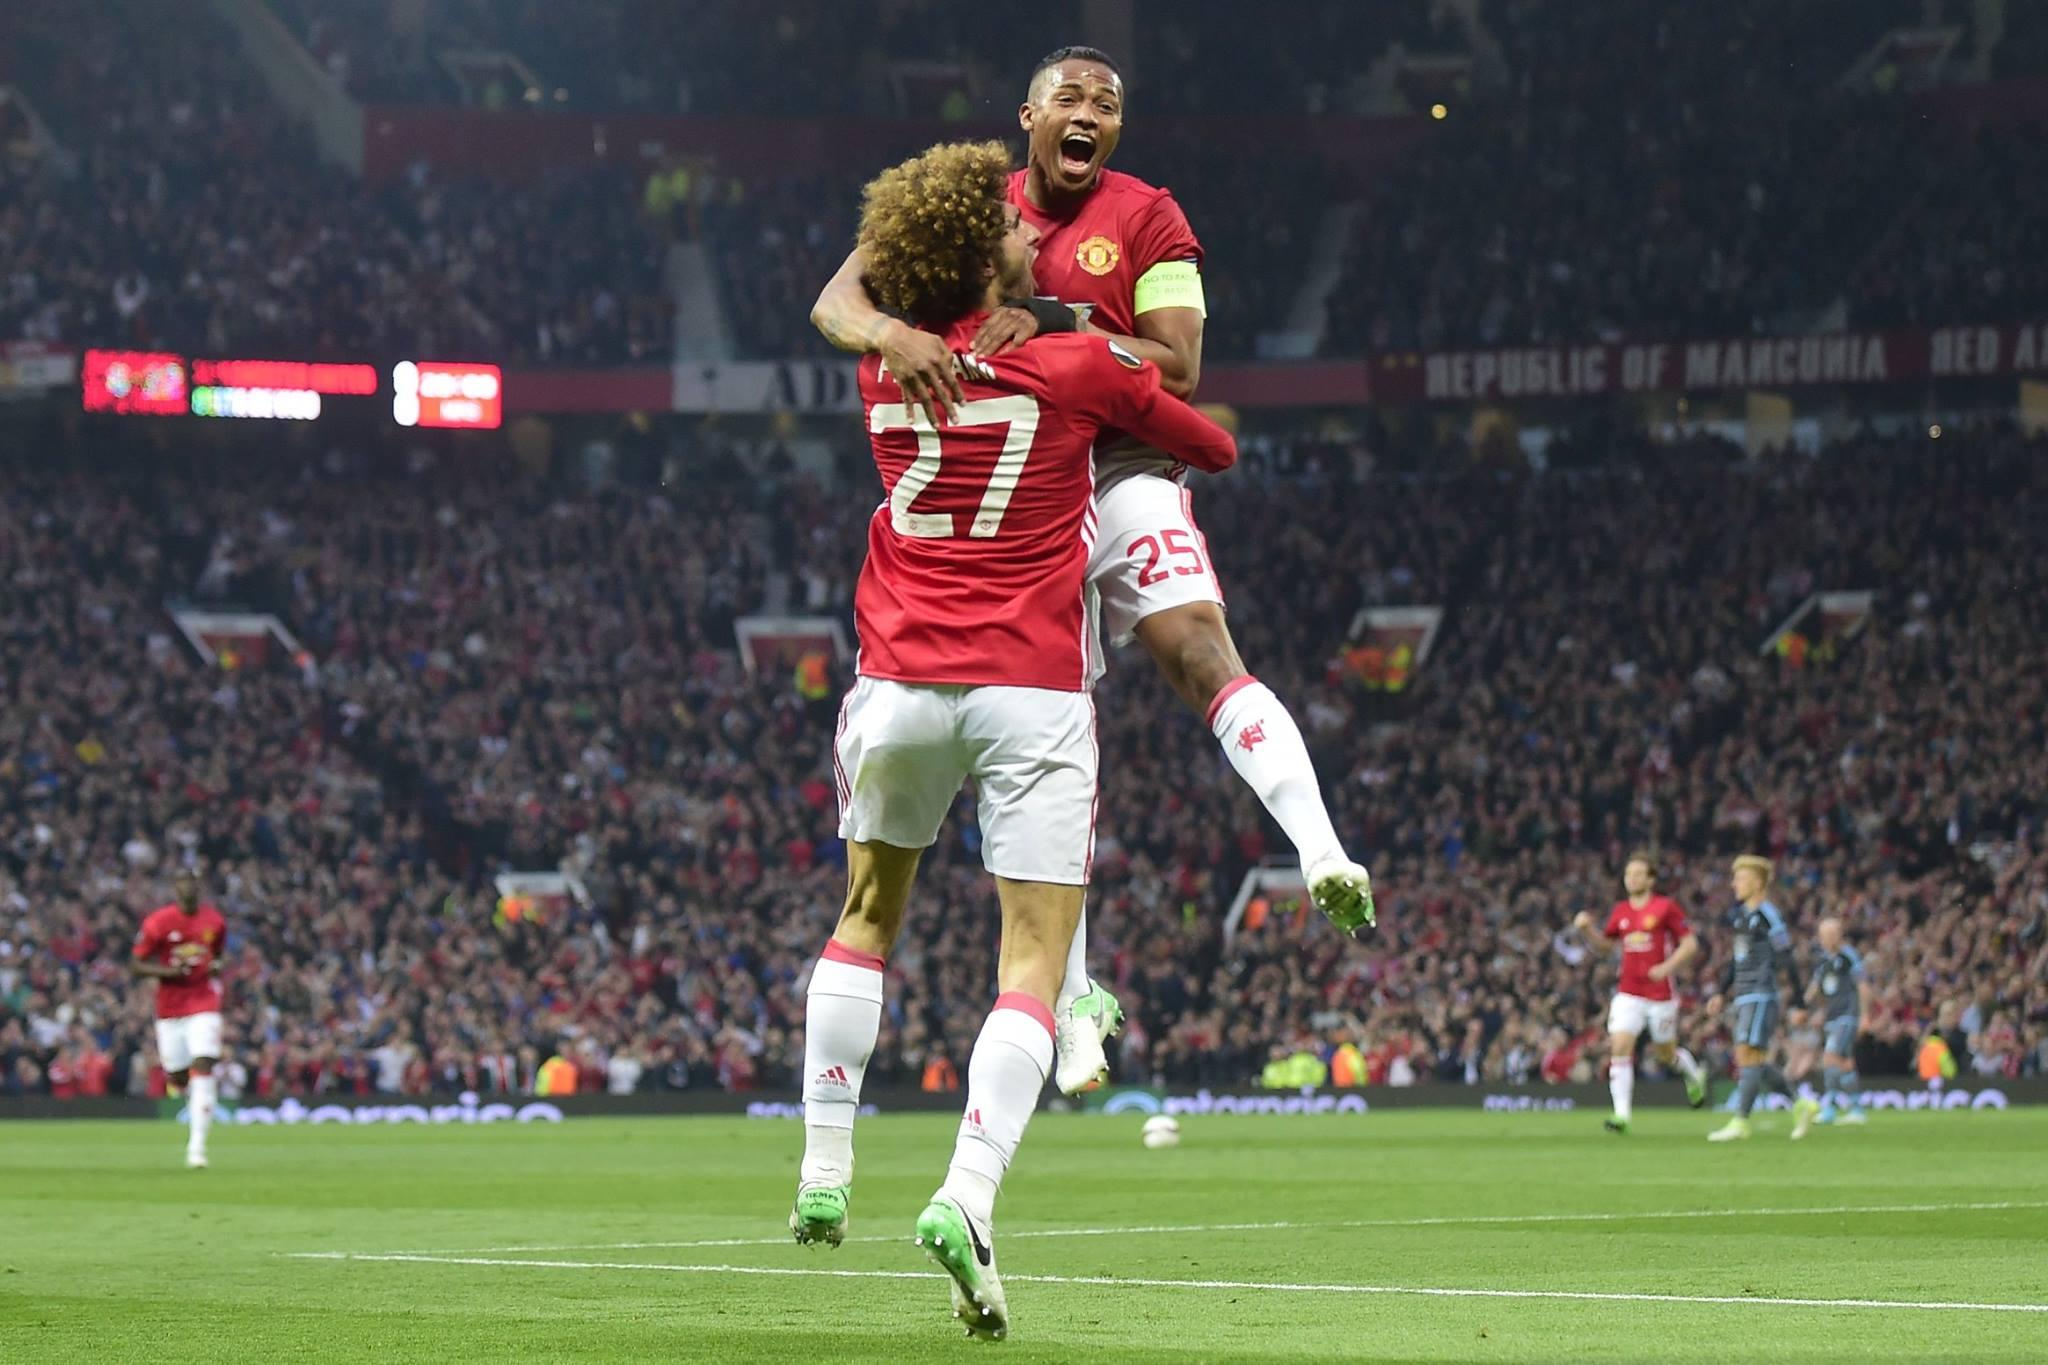 مانشستر يونايتد واياكس إلى نهائي الدوري الأوروبي